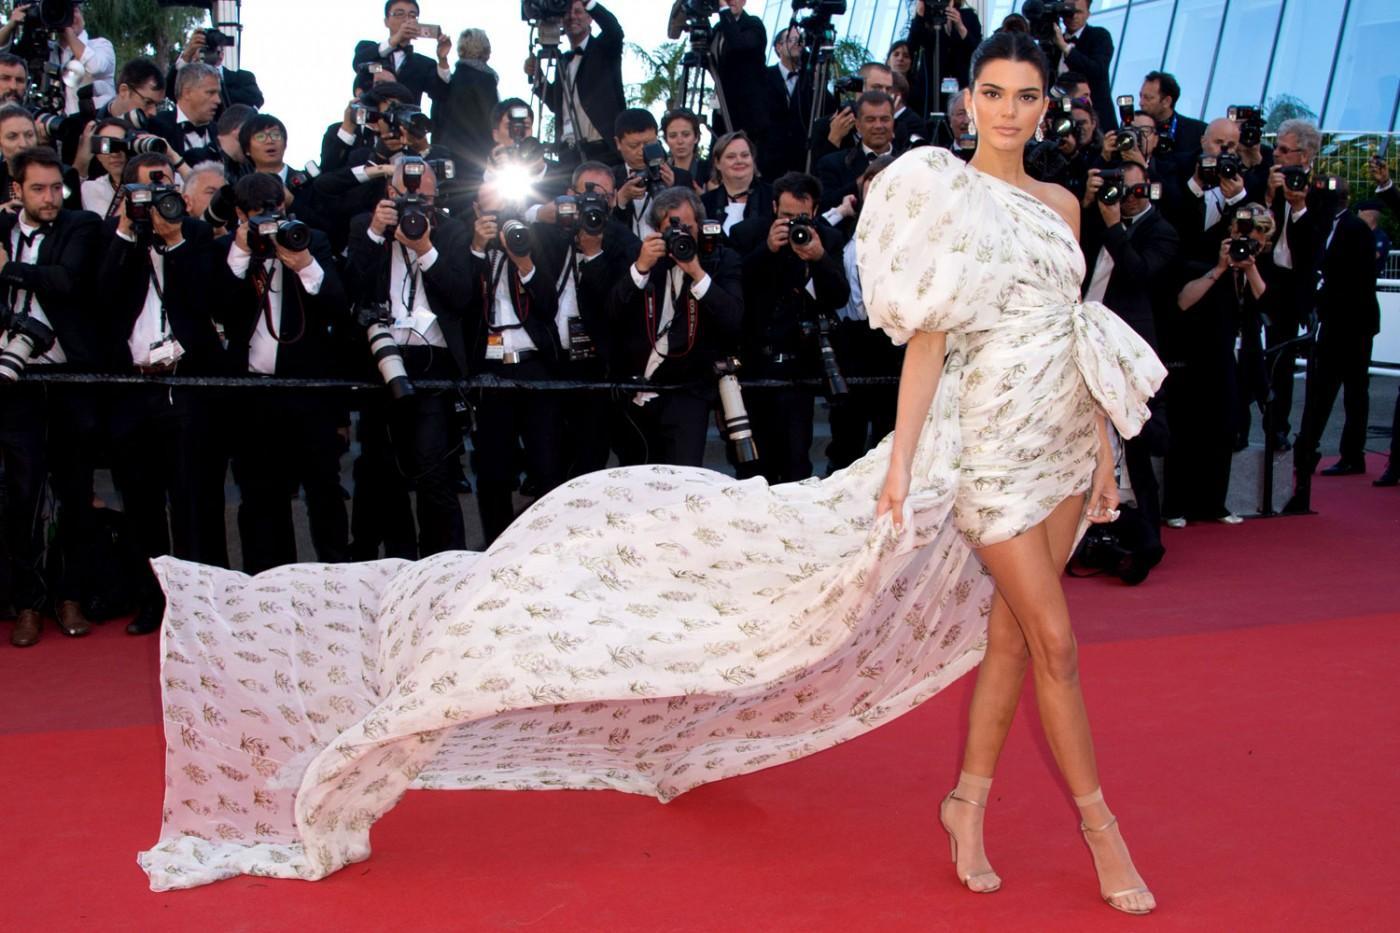 c1affe2c281 Cannes Film Festival Bans Selfies